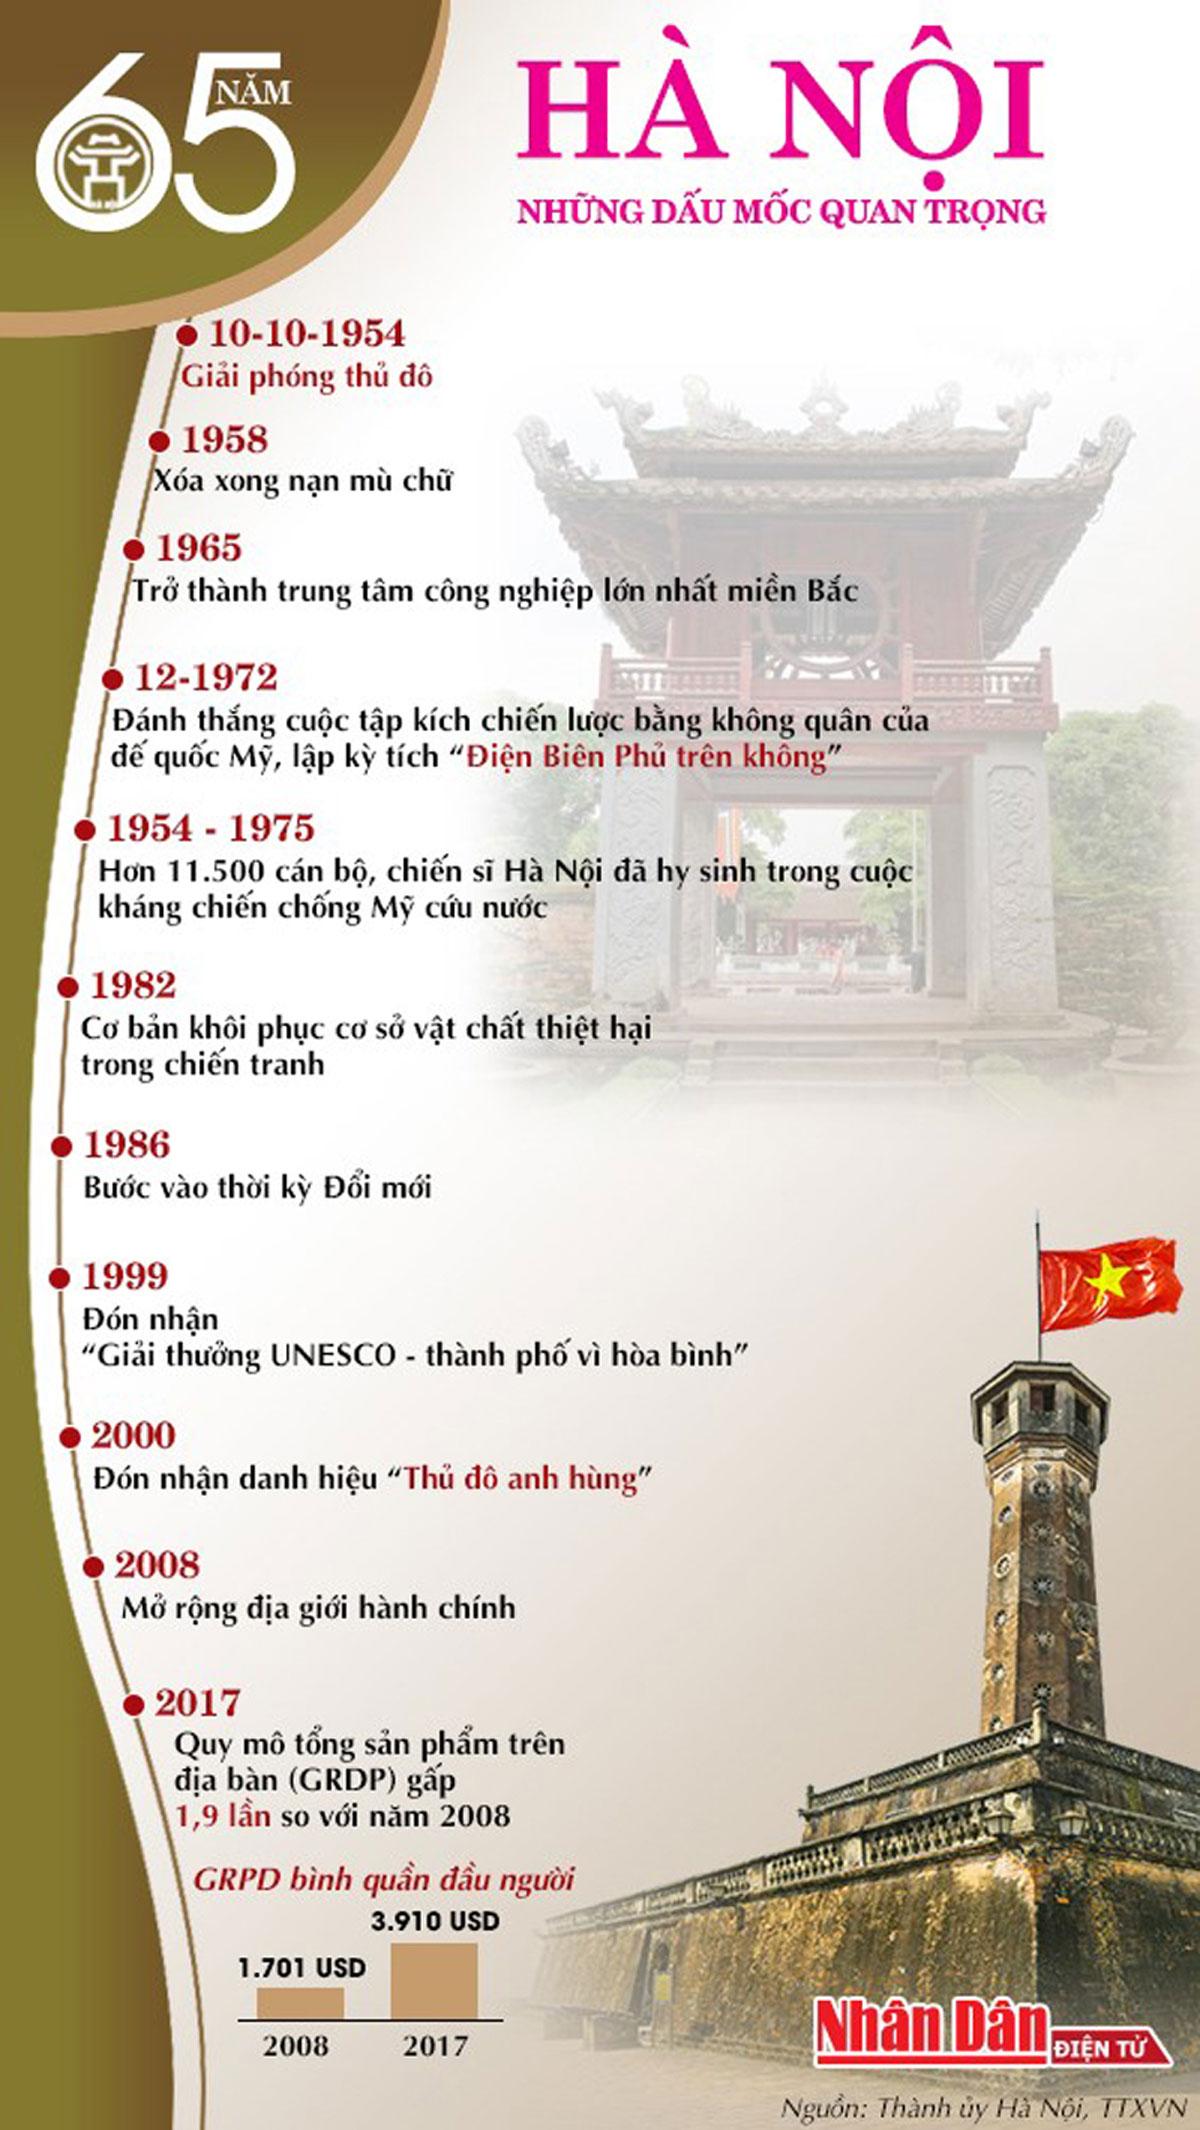 quá trình, xây dựng thủ đô Hà Nội, 65 năm giải phóng